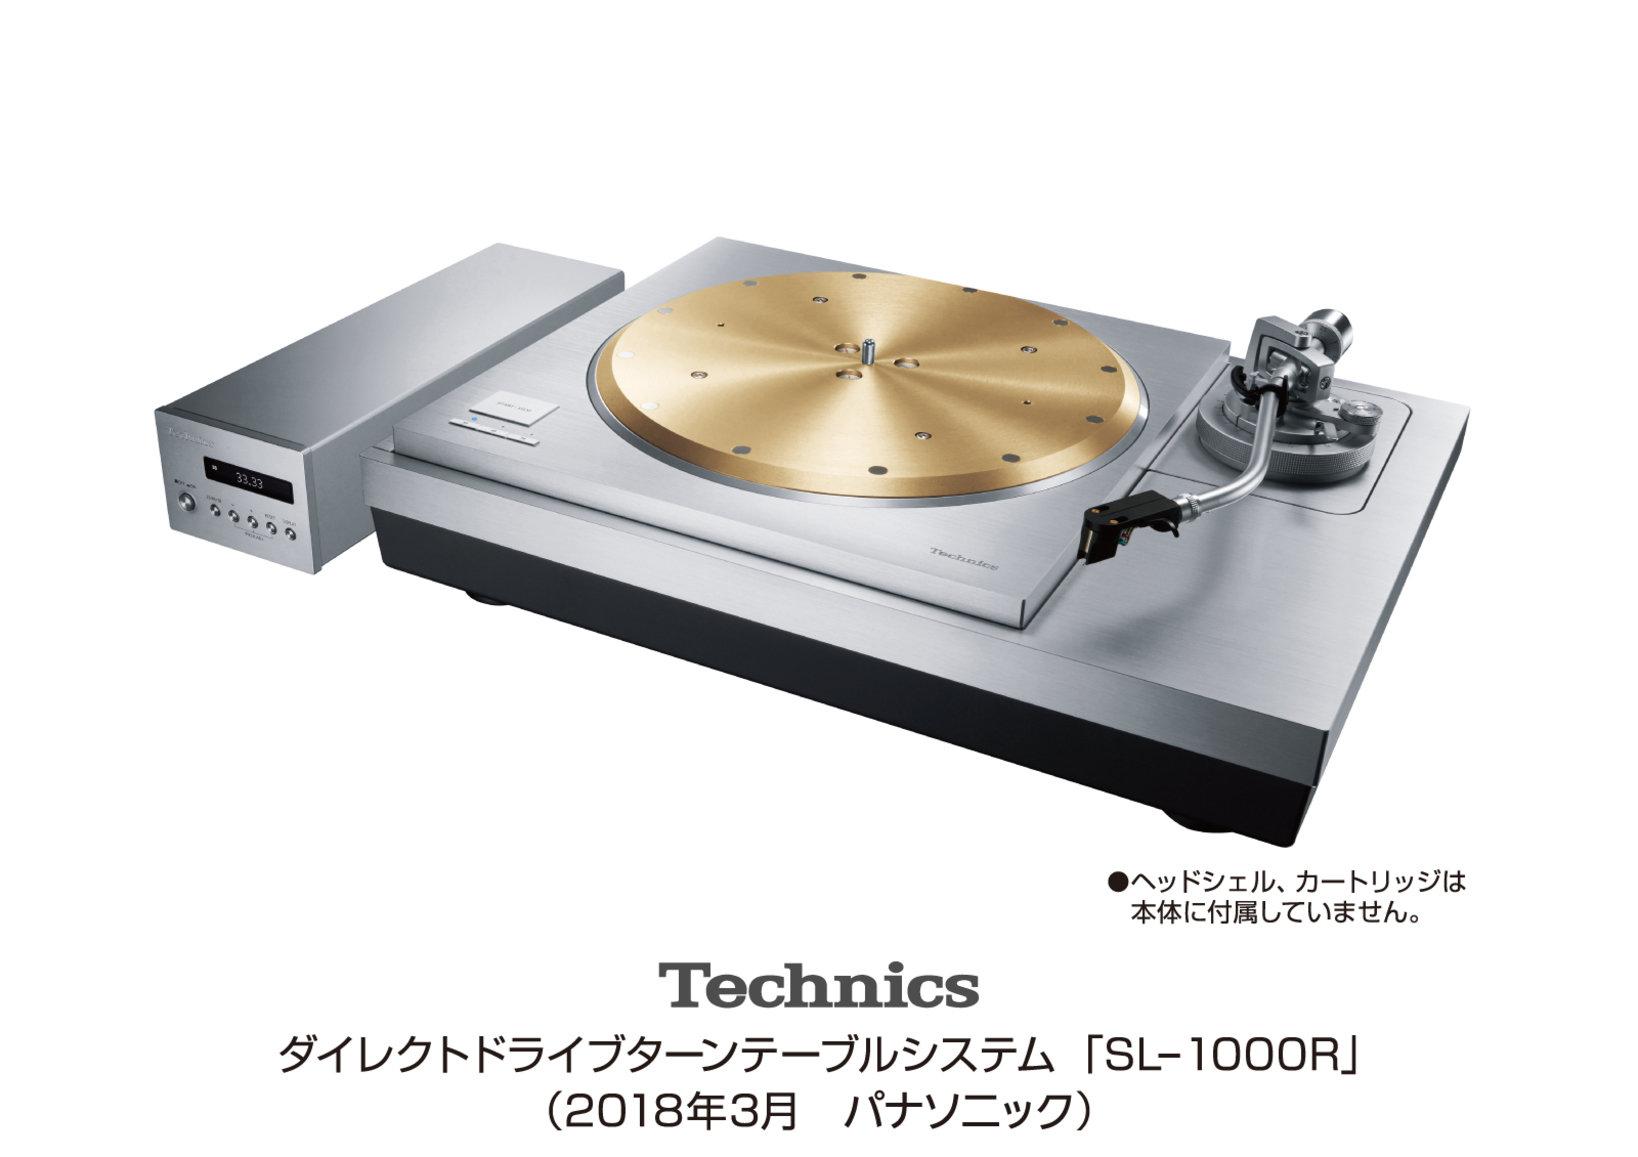 テクニクス ダイレクトドライブターンテーブル「SP-10R」